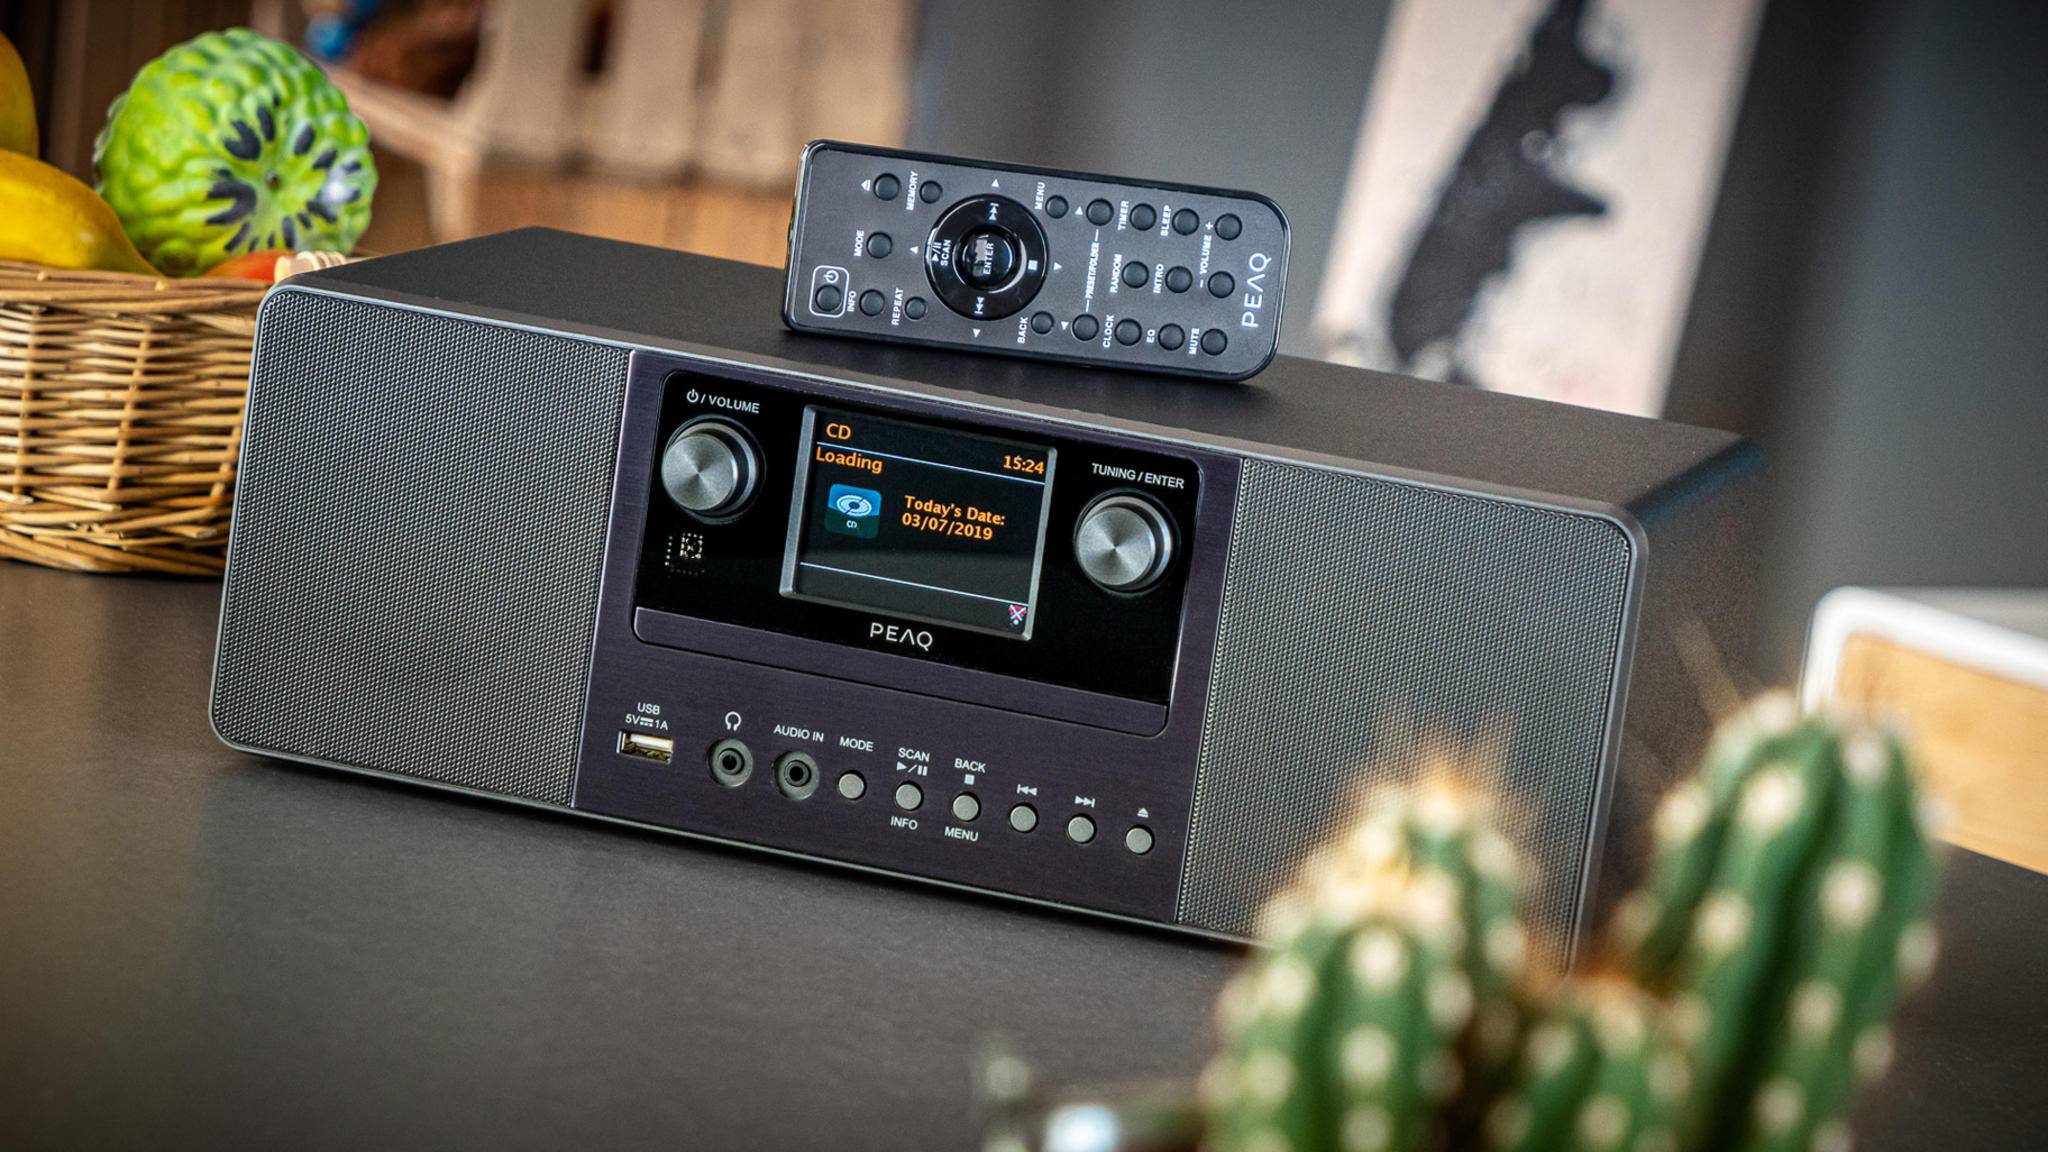 Das klassische UKW-Radio ist längst überholt: Digitalradios bieten bessere Klangqualität und vor allem eine größere Senderauswahl.